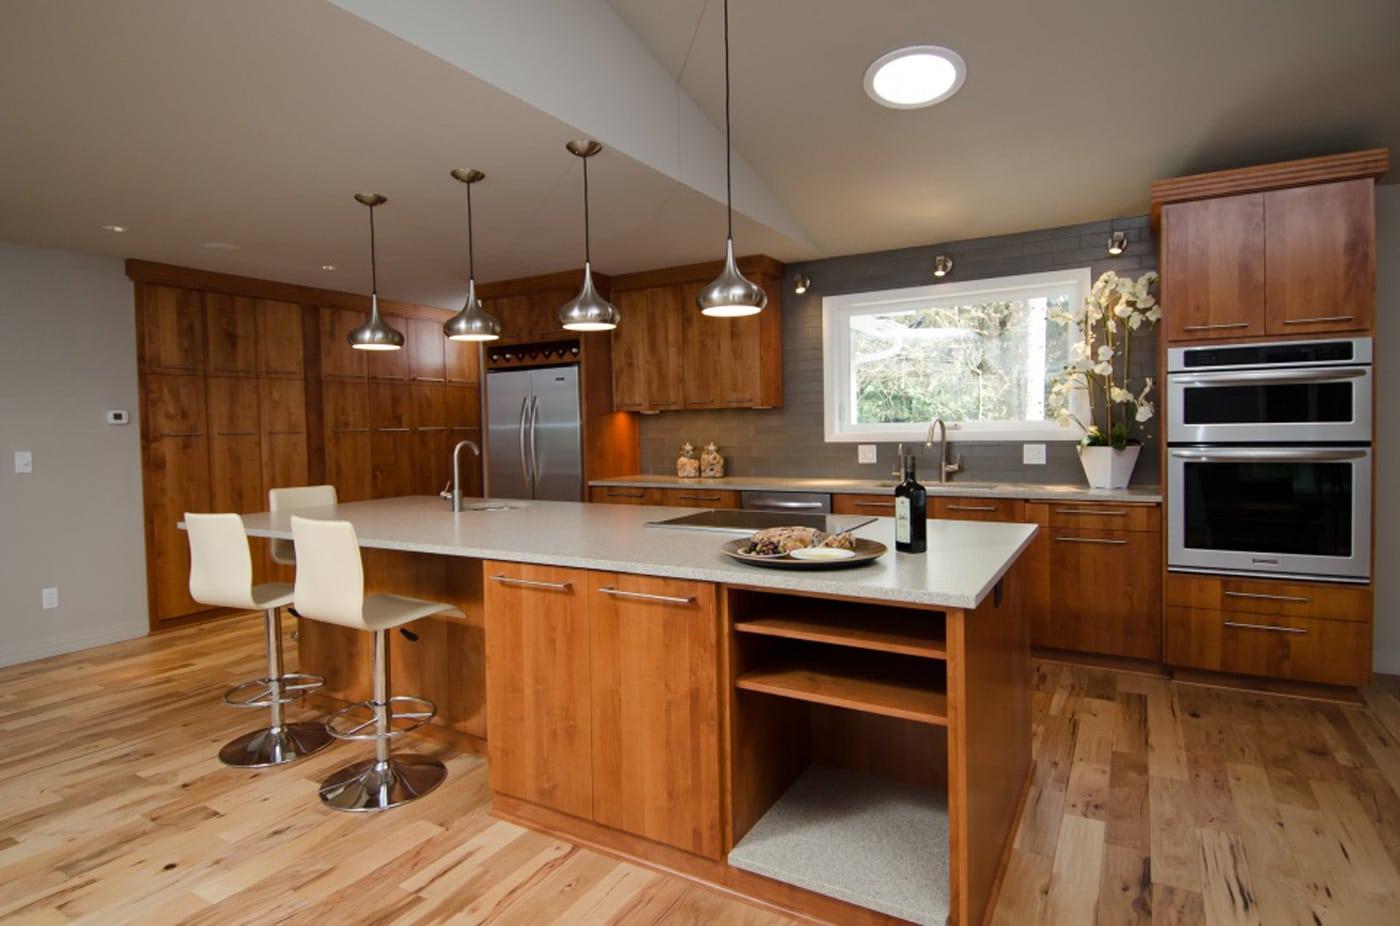 designer kitchen design ideas small planner island designs house kitchen islands kitchen ideas design cabinets islands